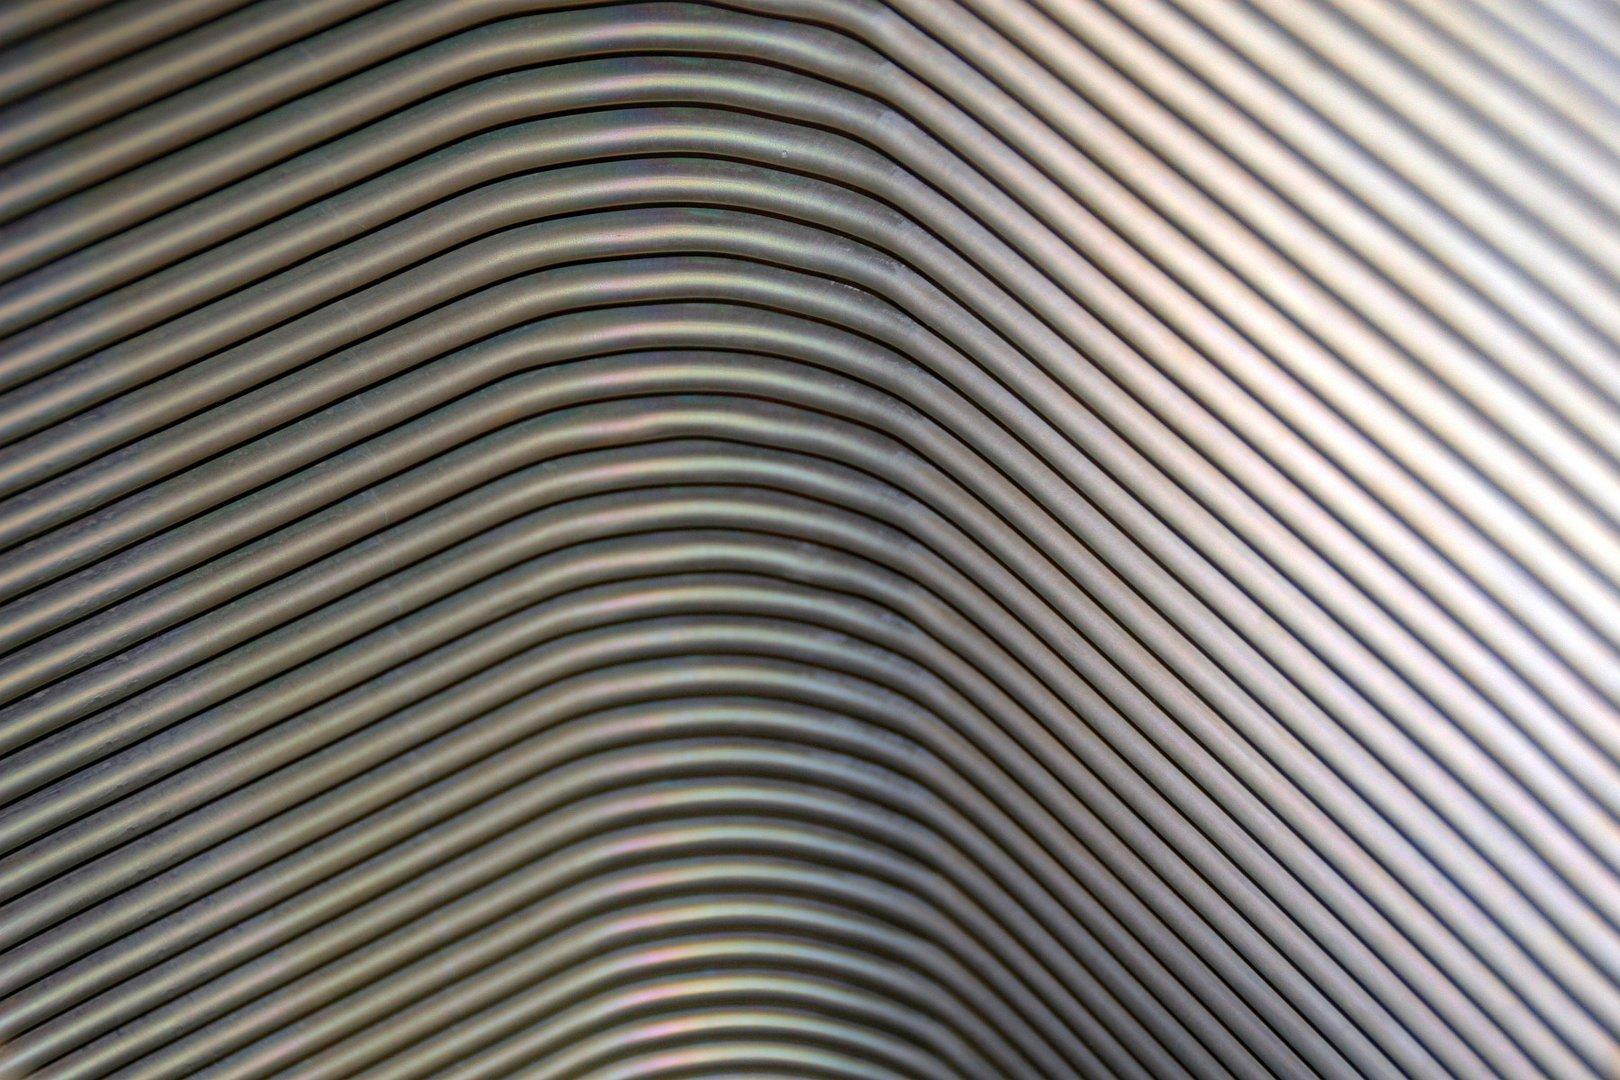 Hohlleiter